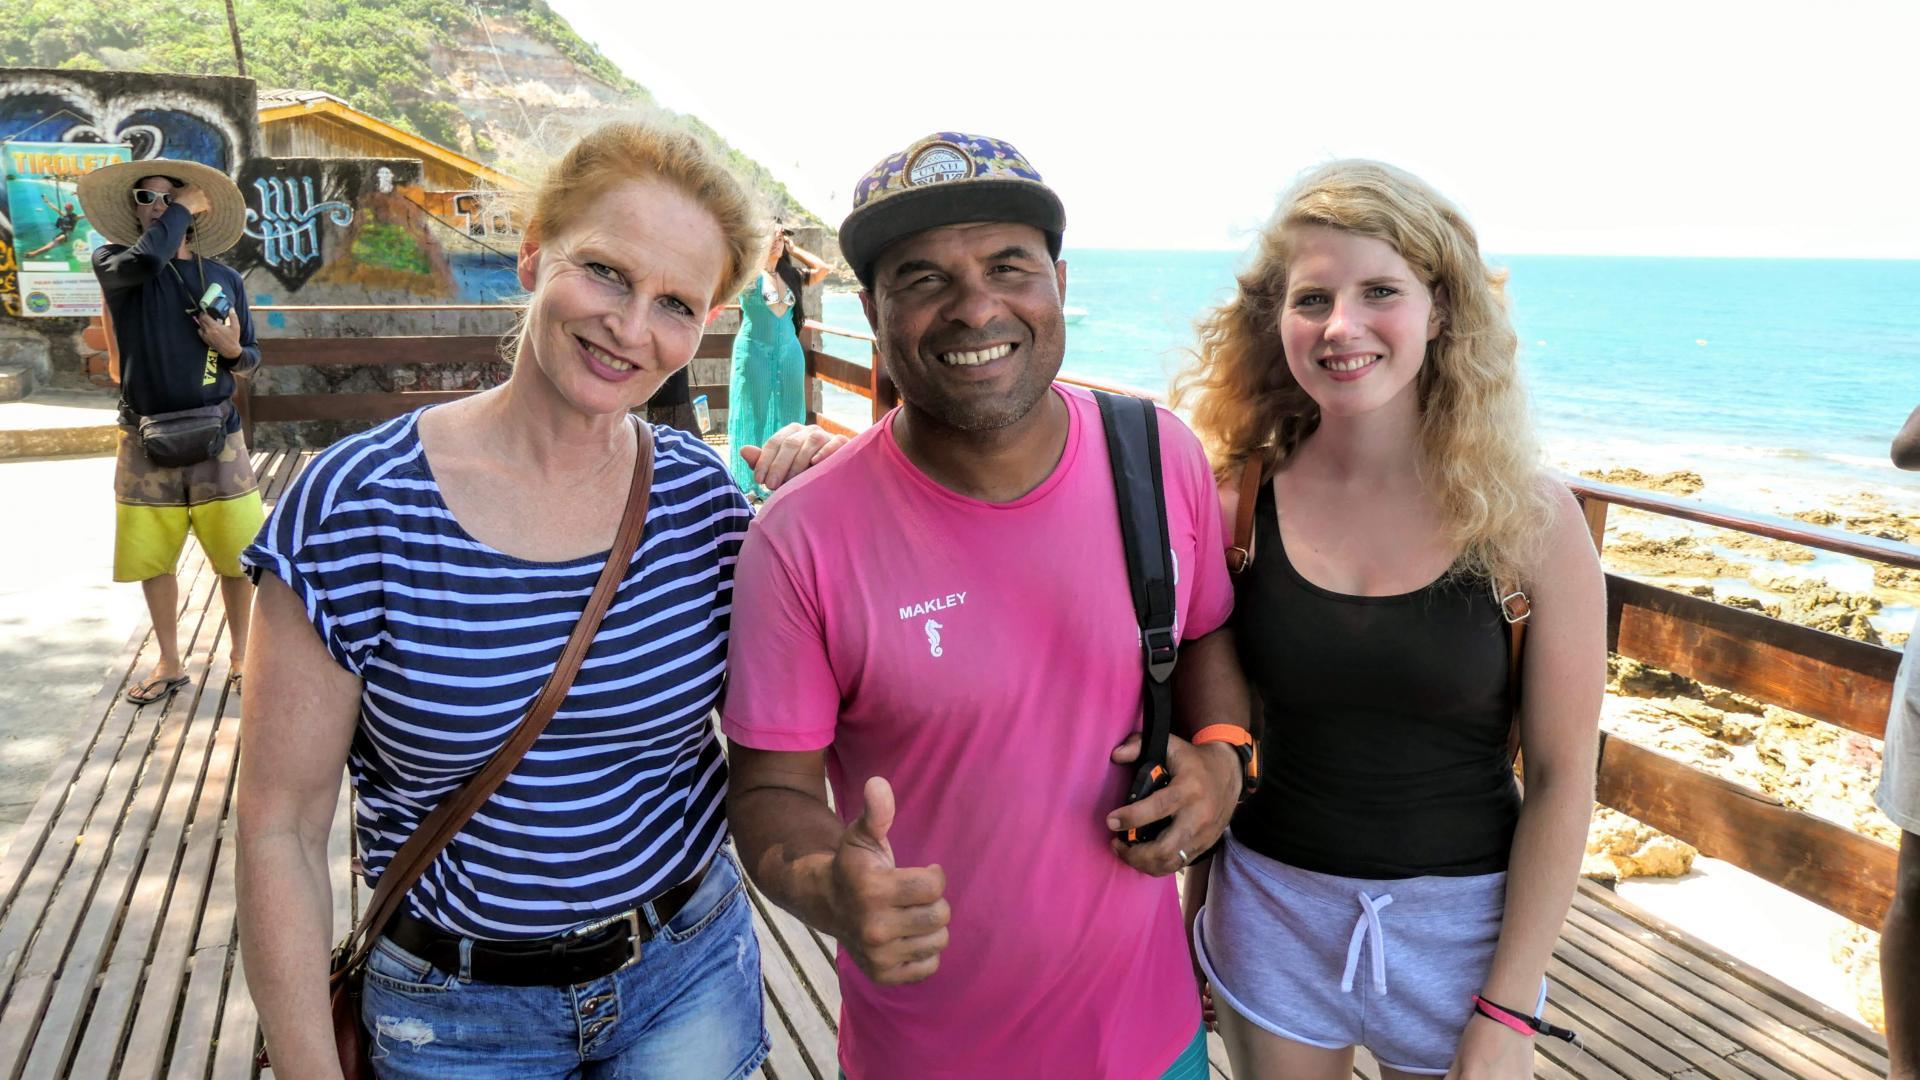 Reisesicherheit: Ist Brasilien gefährlich? Zwei glückliche Urlauberinnen